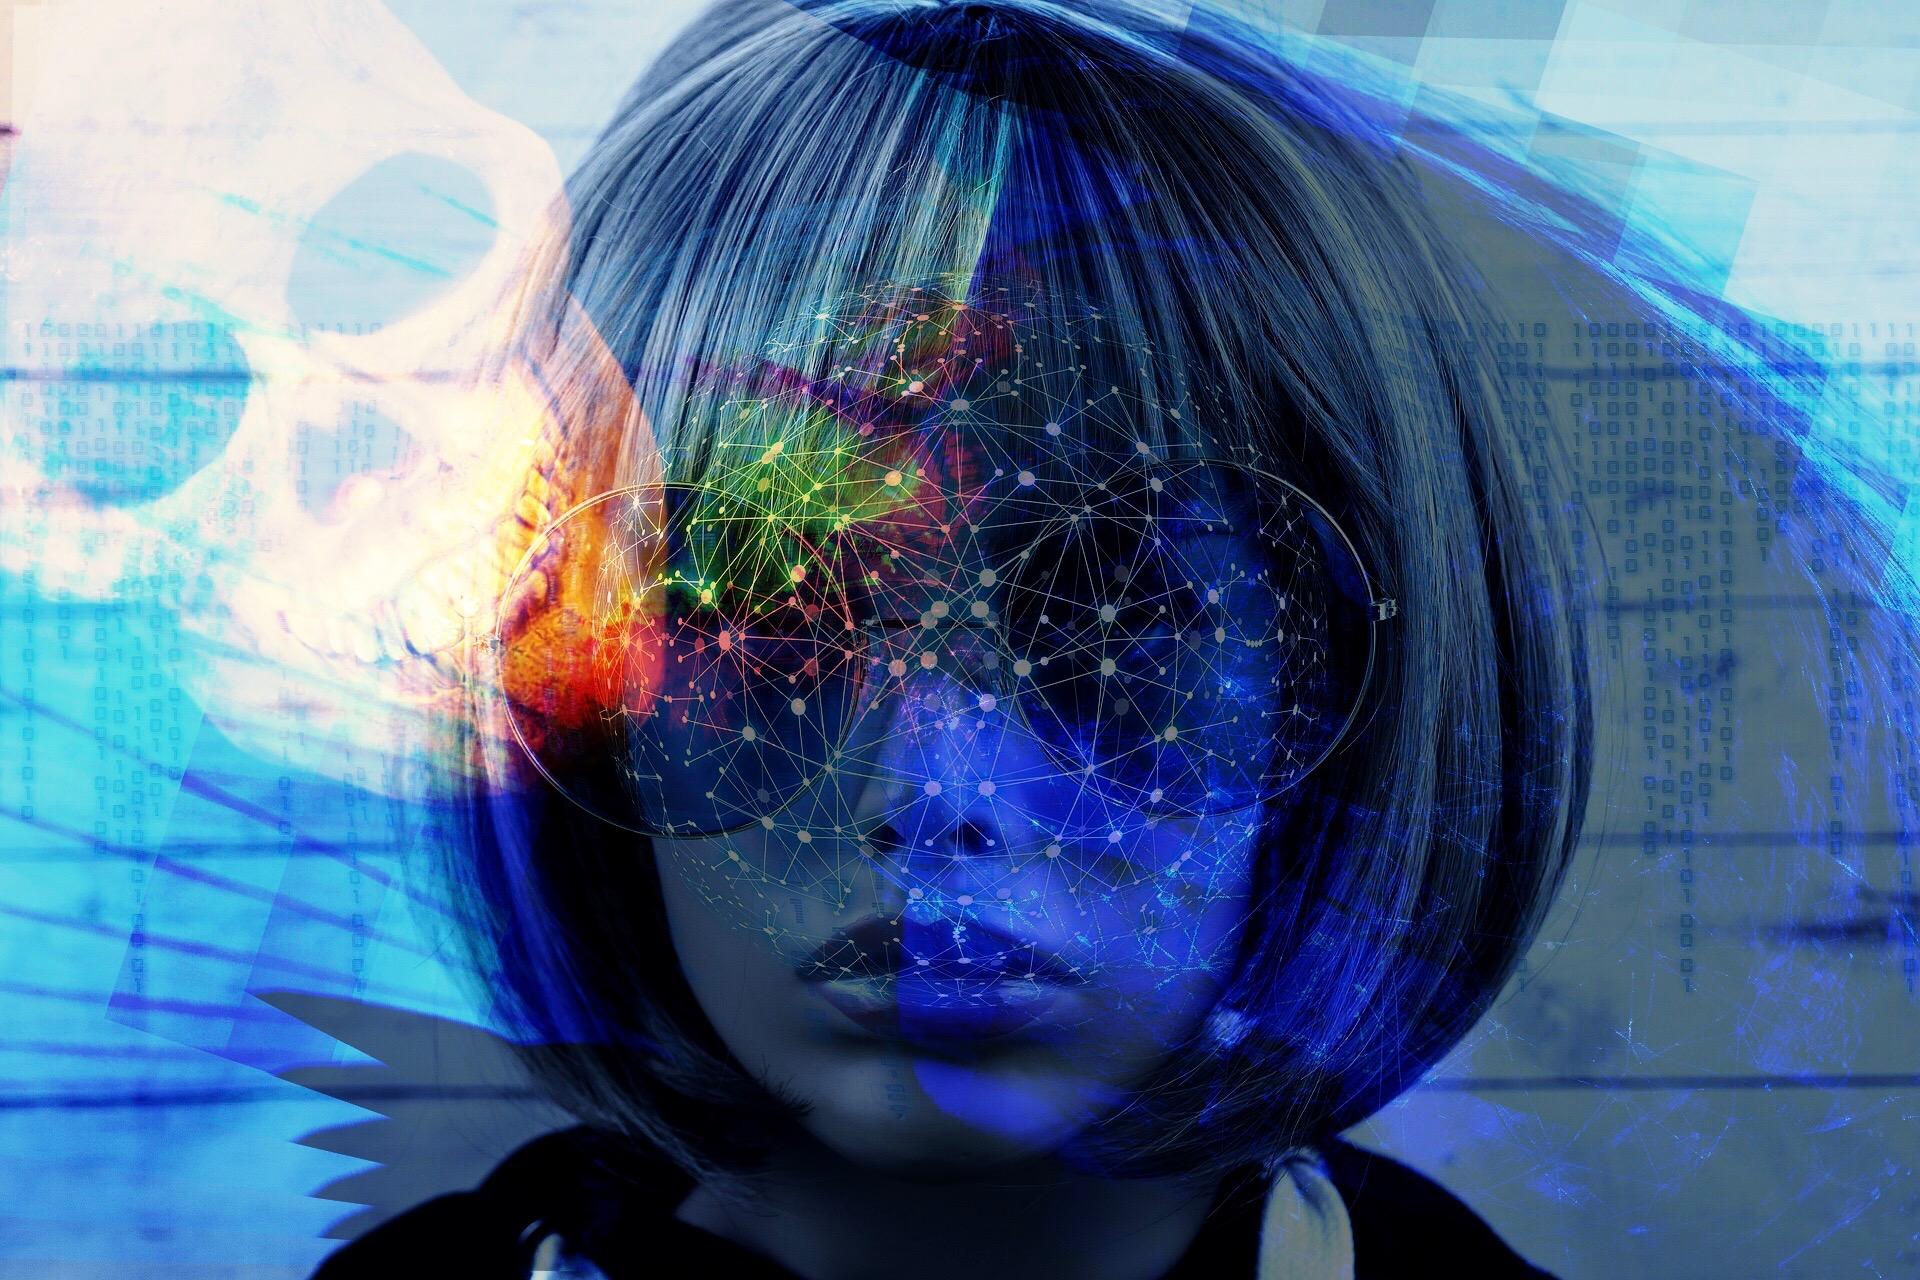 Original Images: Pixabay. Glitched by Kulturpop.